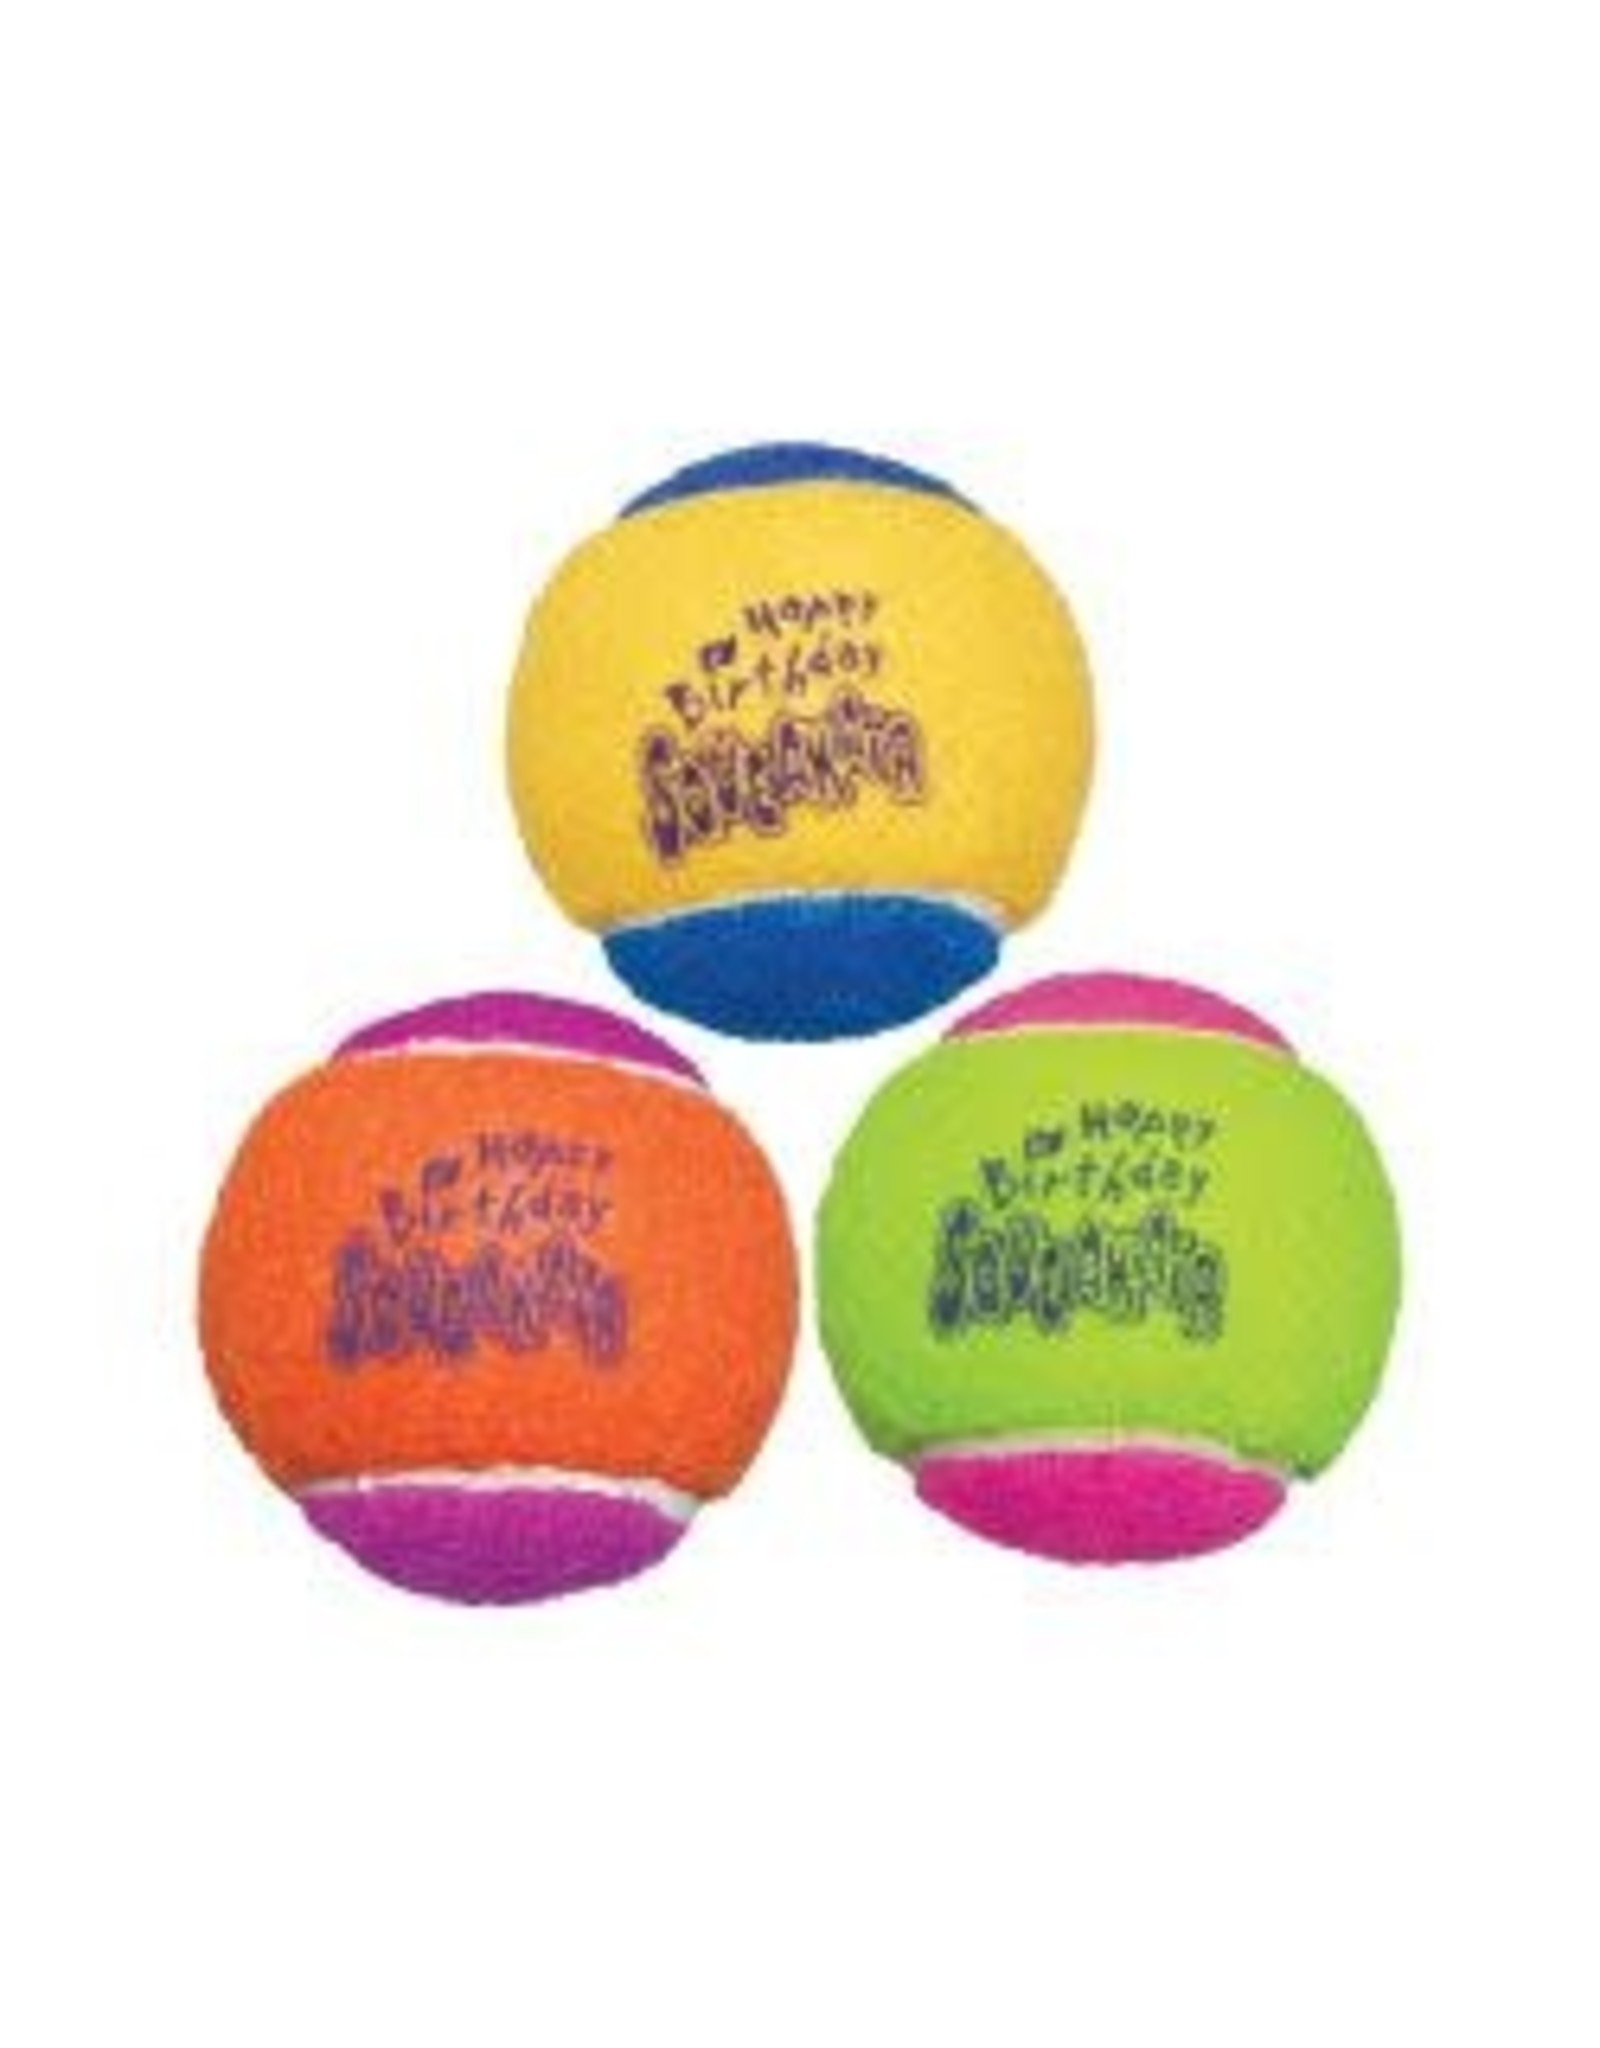 Kong Kong Squeakair Birthday Ball 3 Pack